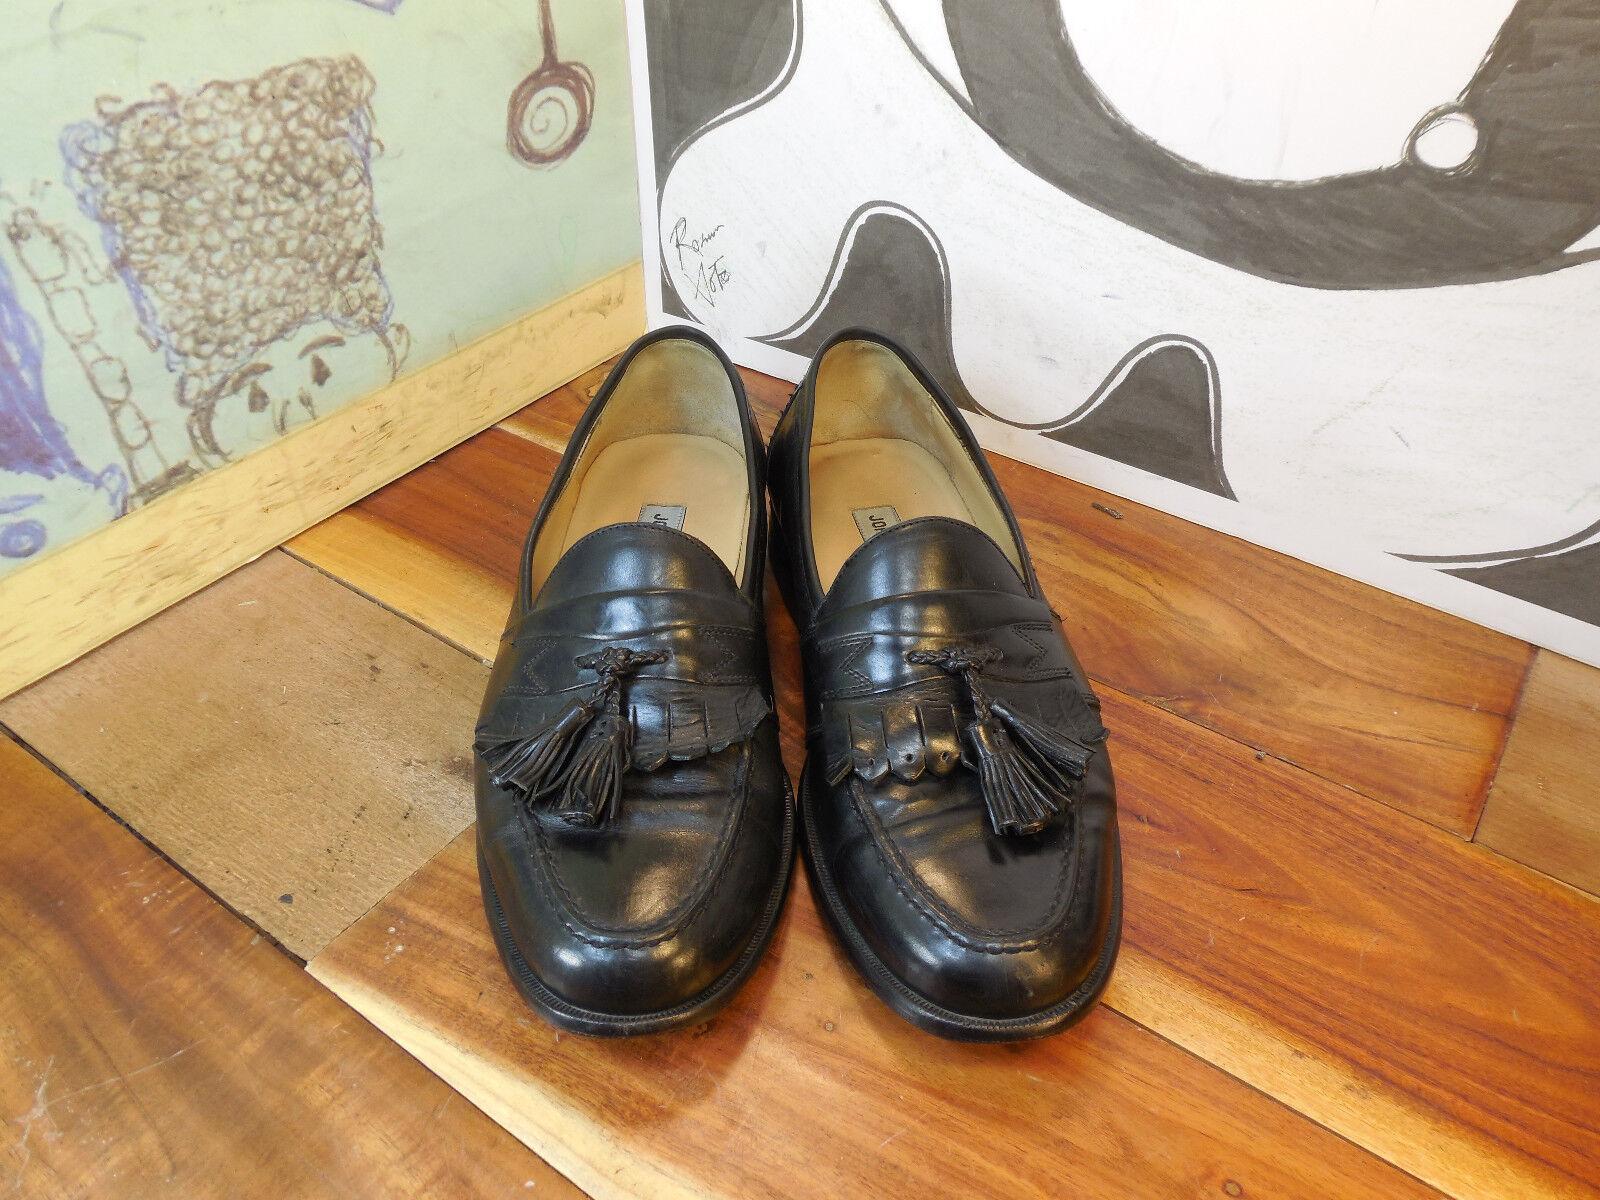 Johnston & Murphy Loafers Black Leather Kiltie Tassel Loafers Murphy Men's 7.5M 8e0feb